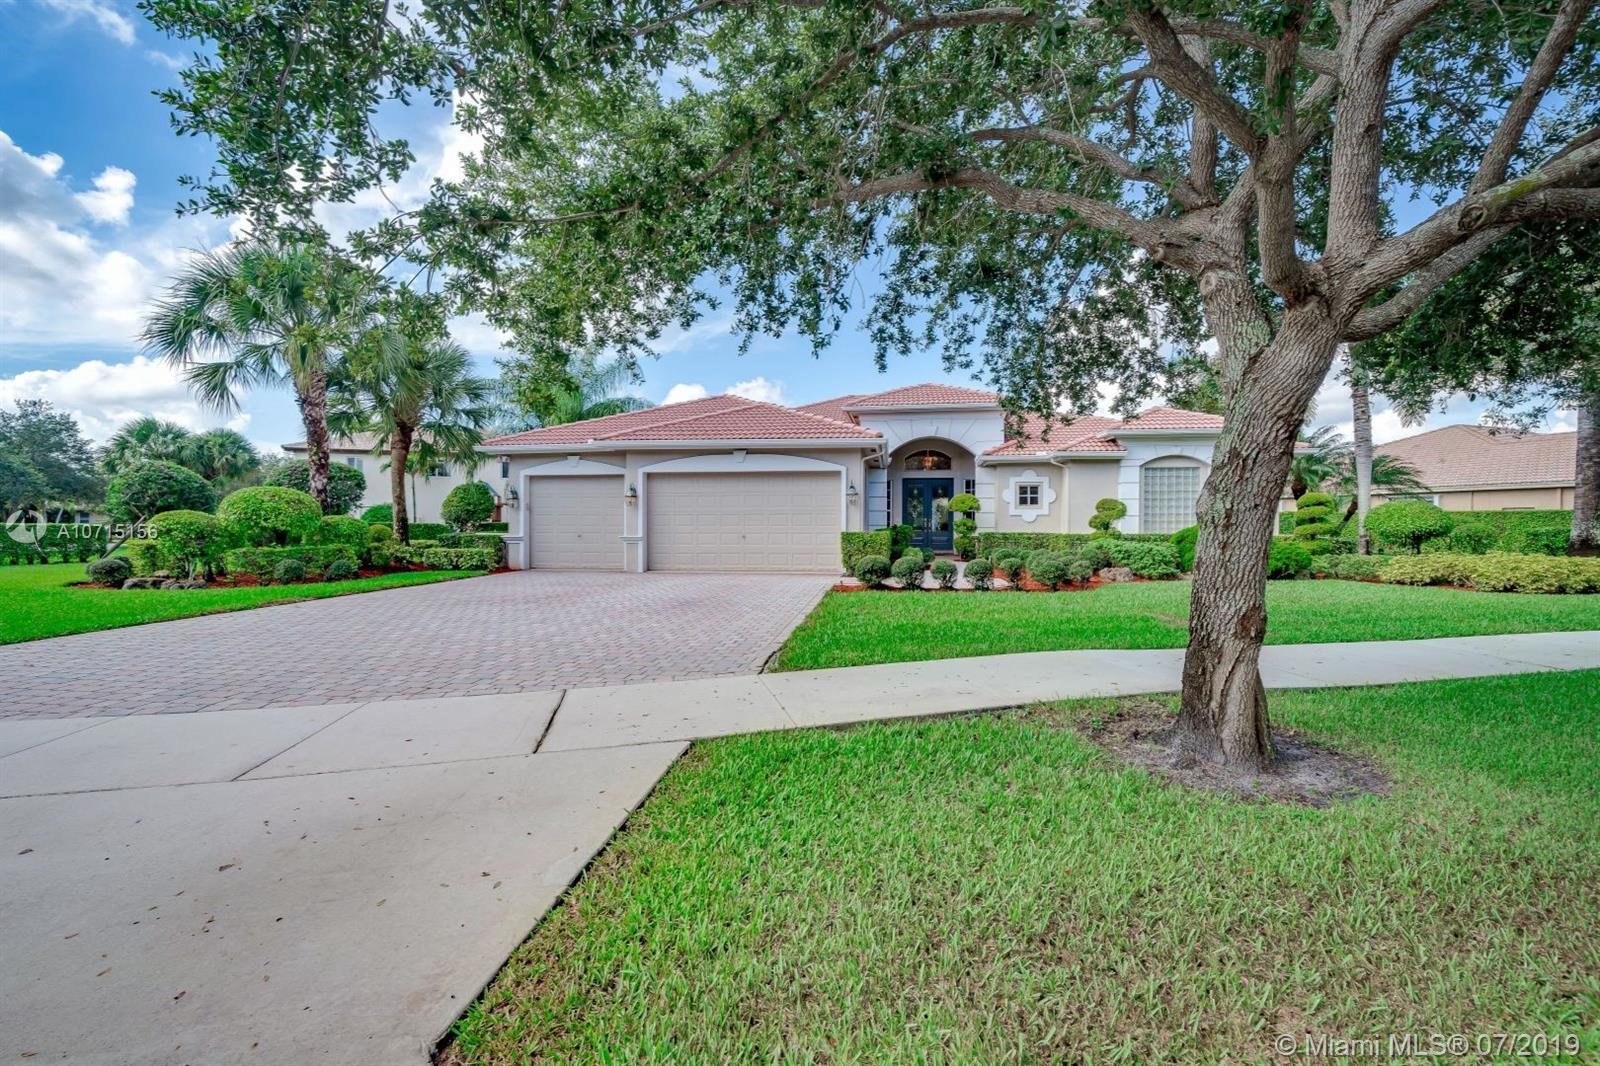 13080 Parkside Ter, Cooper City, Florida